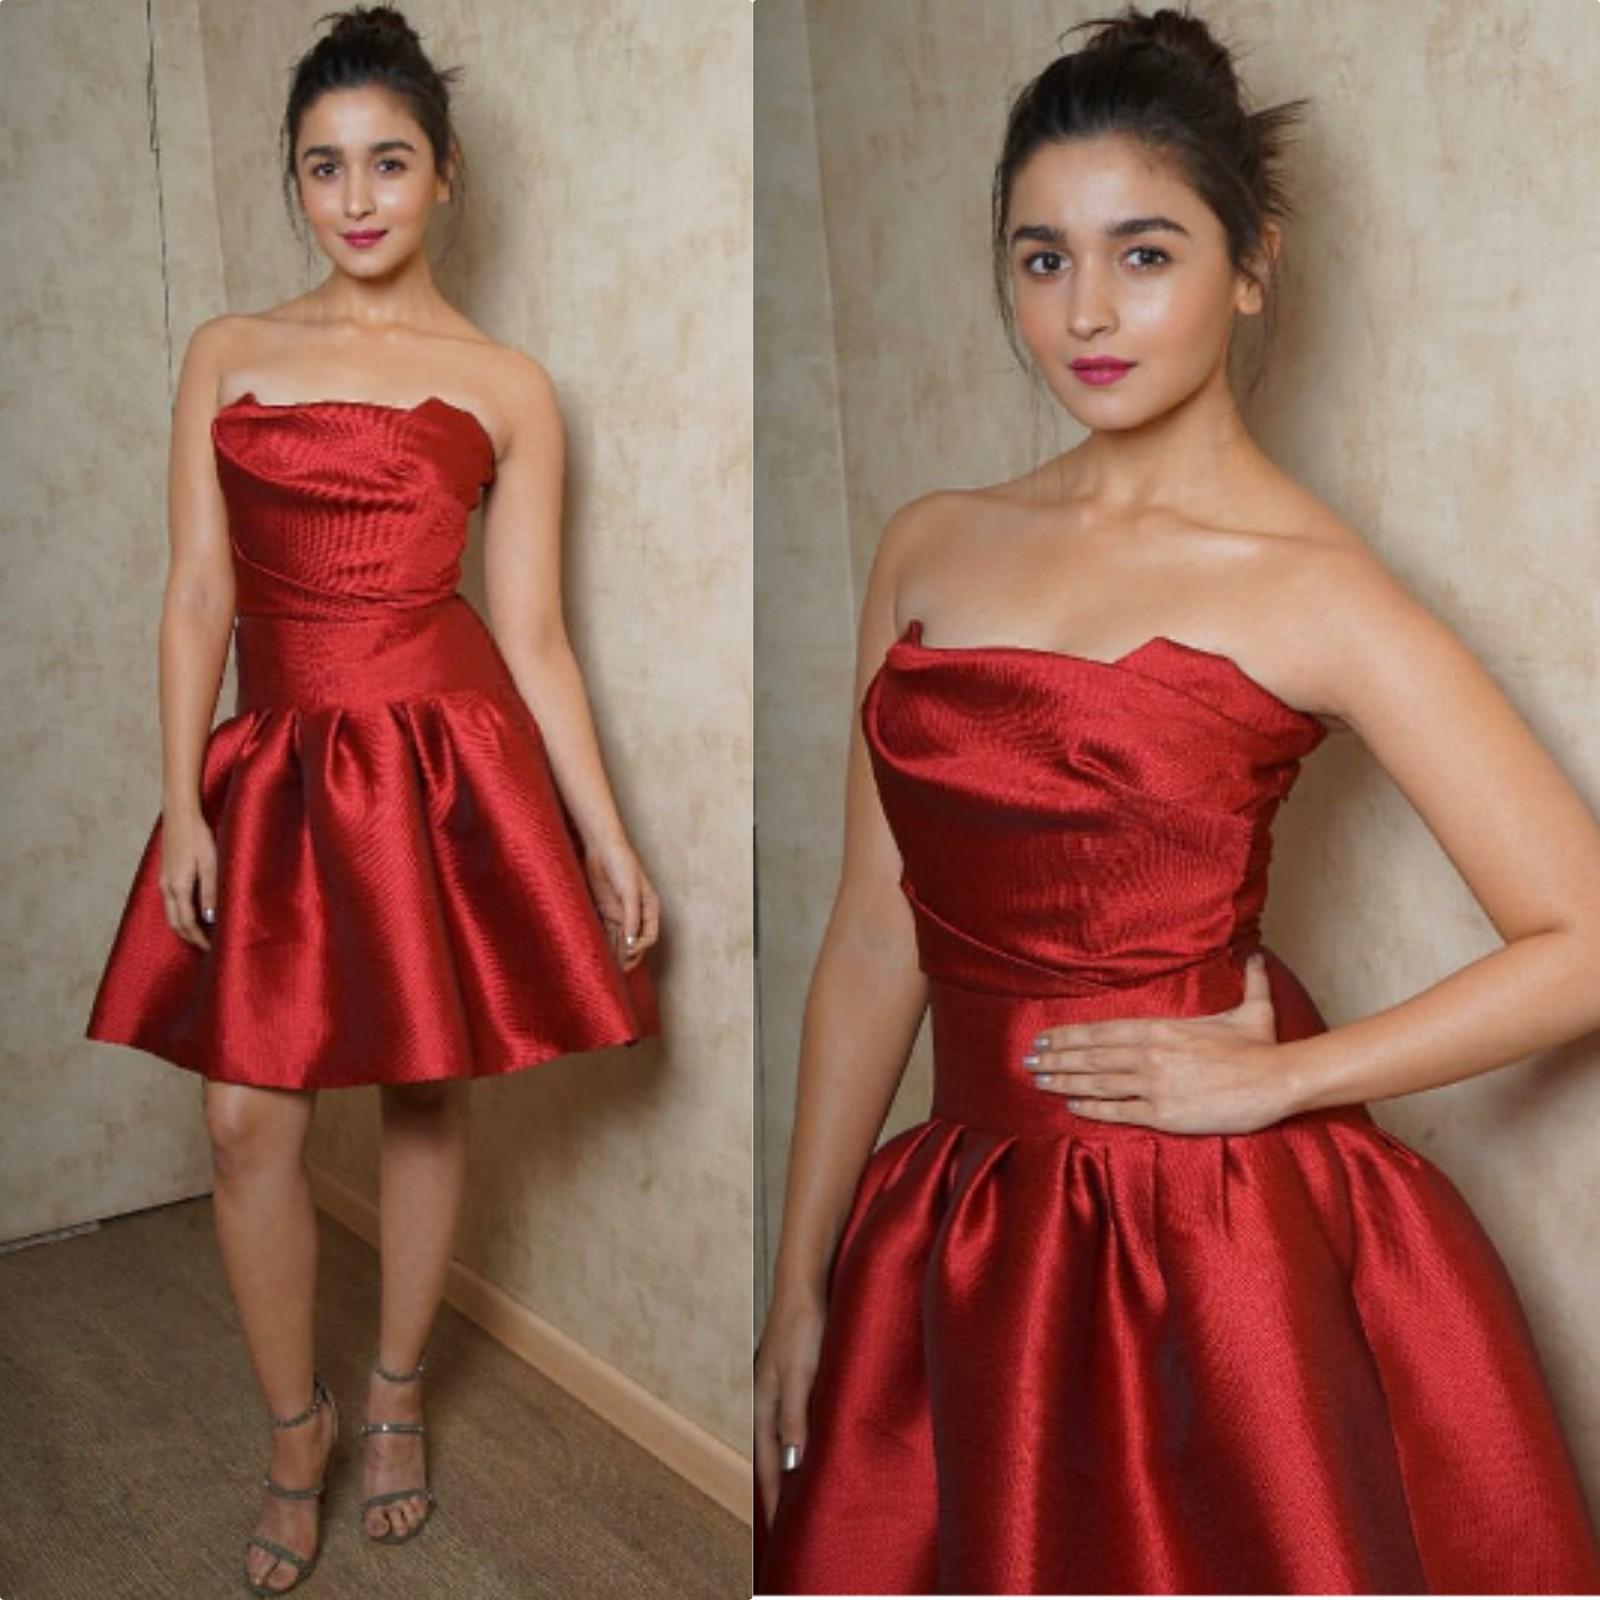 Fashion Beauty Awards 2017: Alia Bhatt In Gauri And Nainika At Kids' Choice Awards 2017